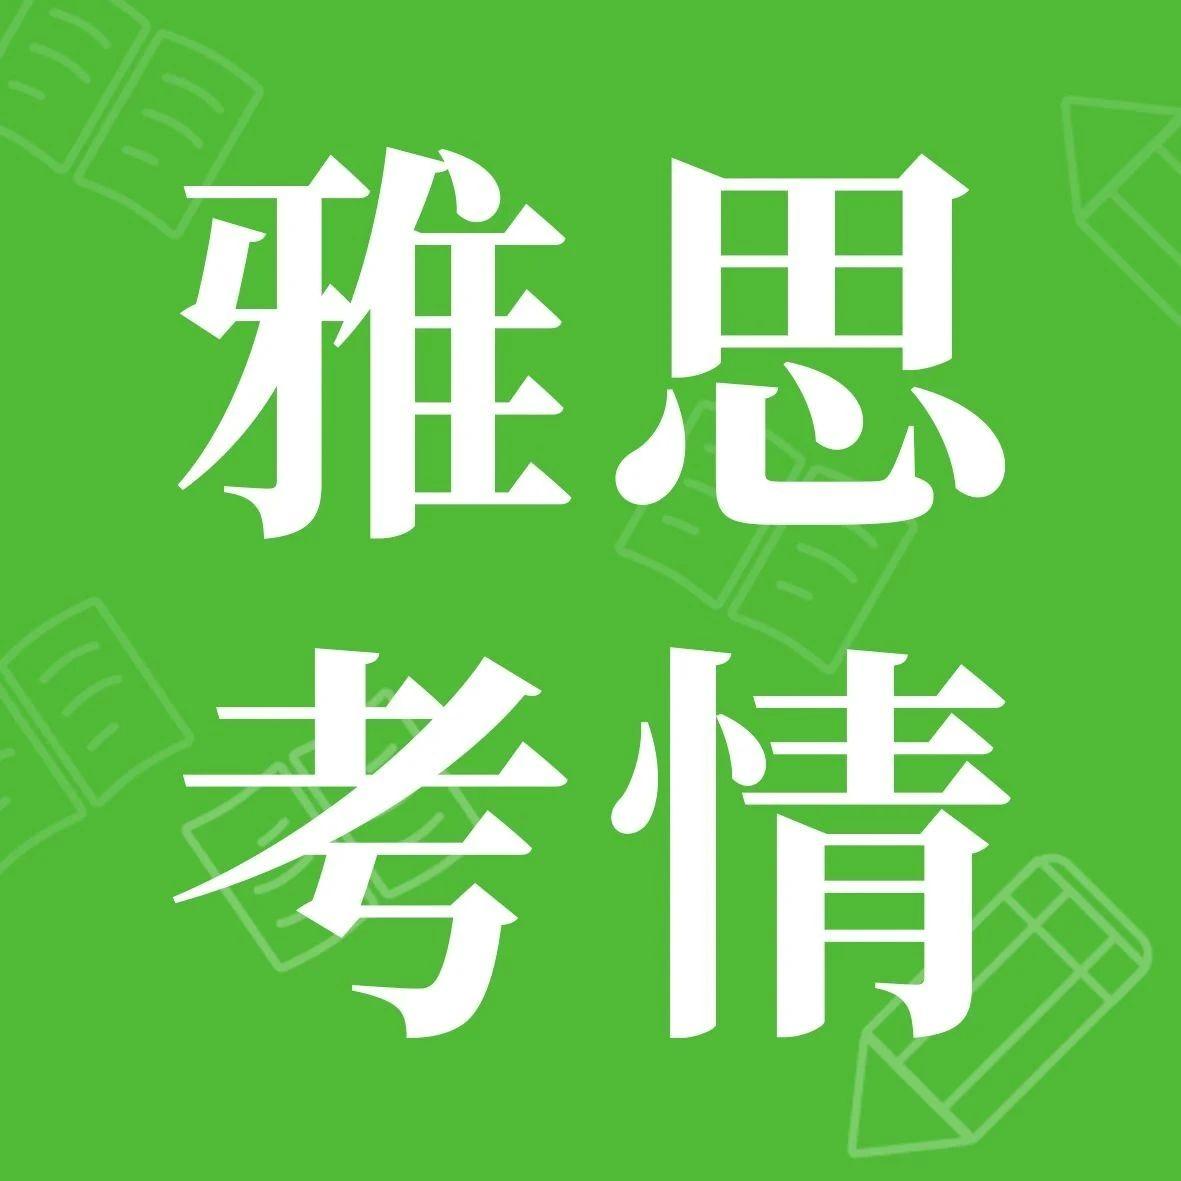 北京、杭州雅思考试场地有调整!